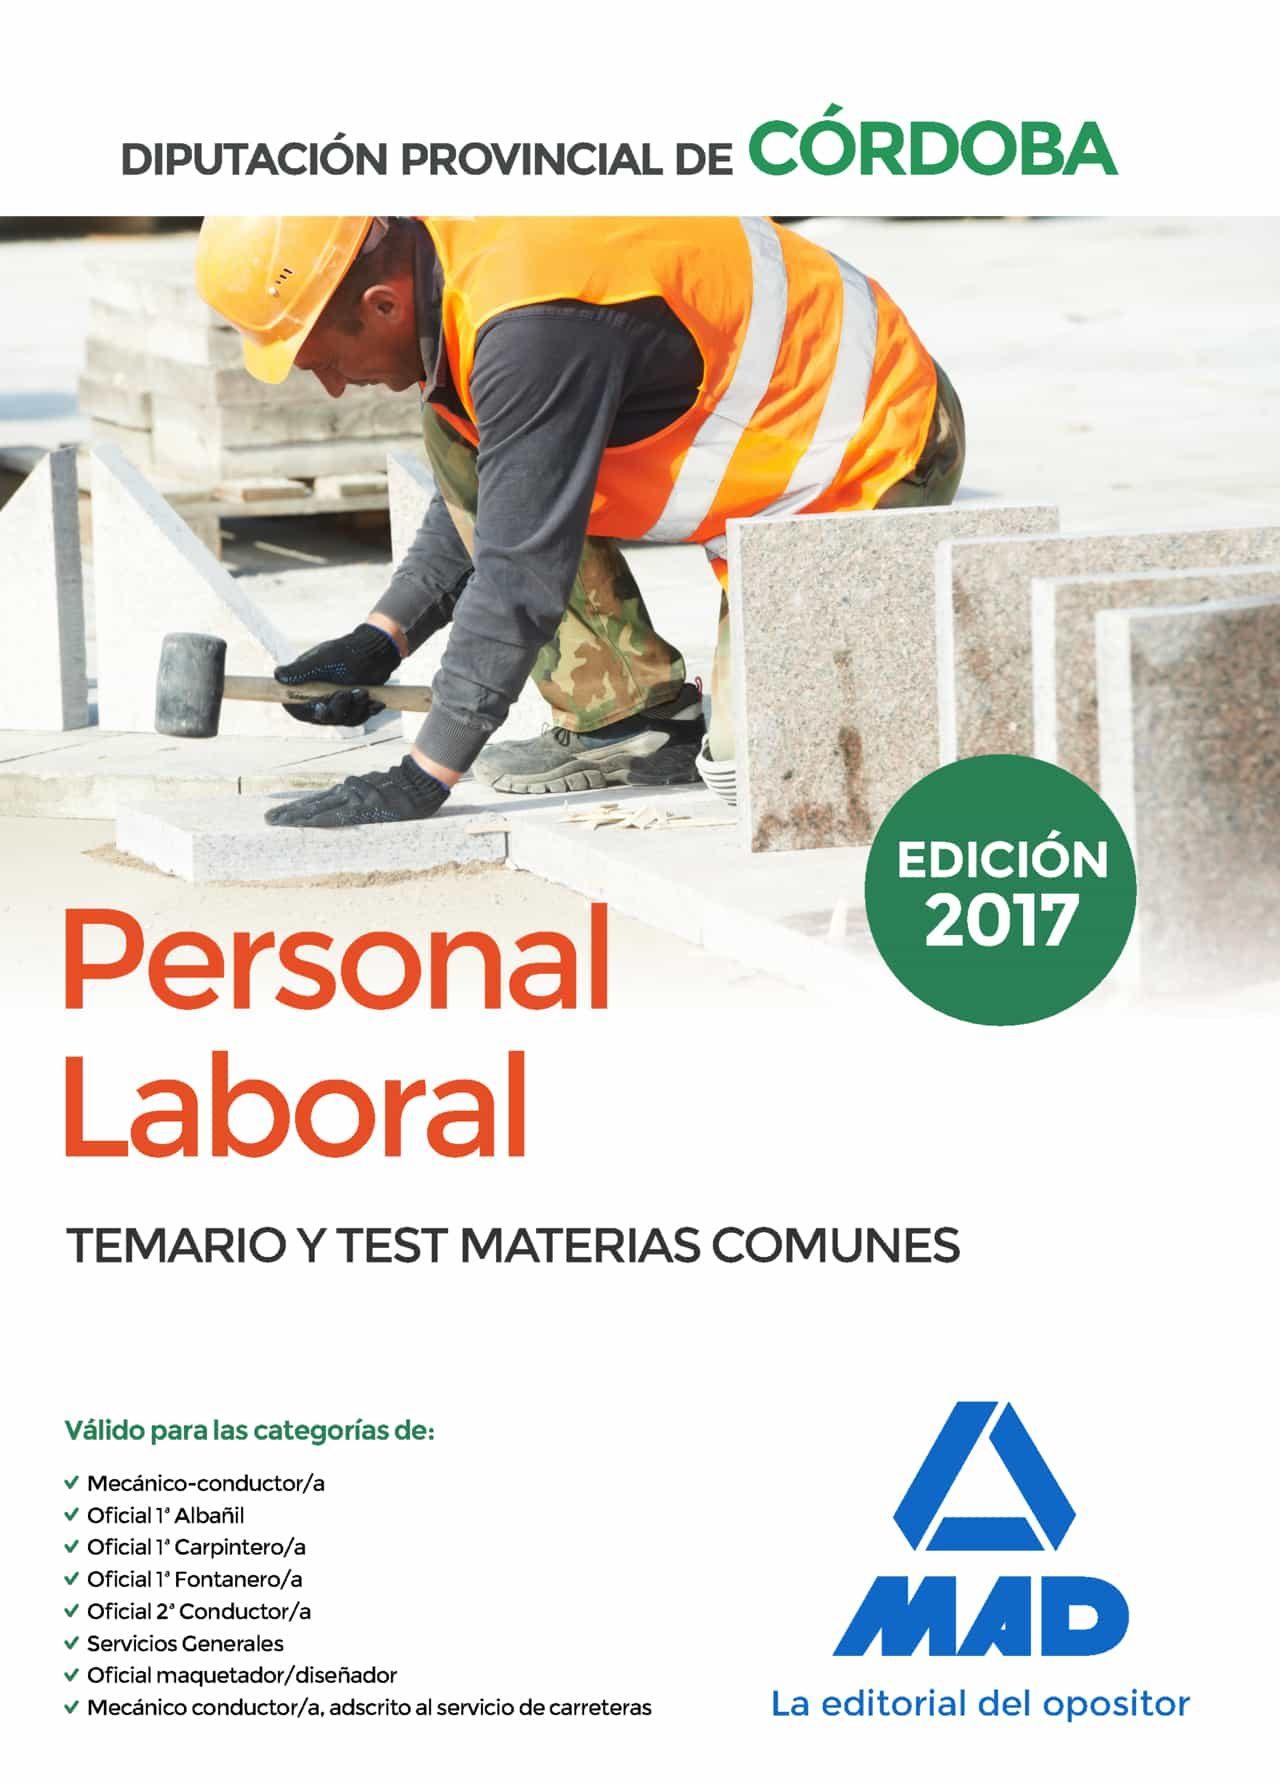 Personal Laboral De La Diputación Provincial De Córdoba. Temario Y Test Materias Comunes por Vv.aa. epub